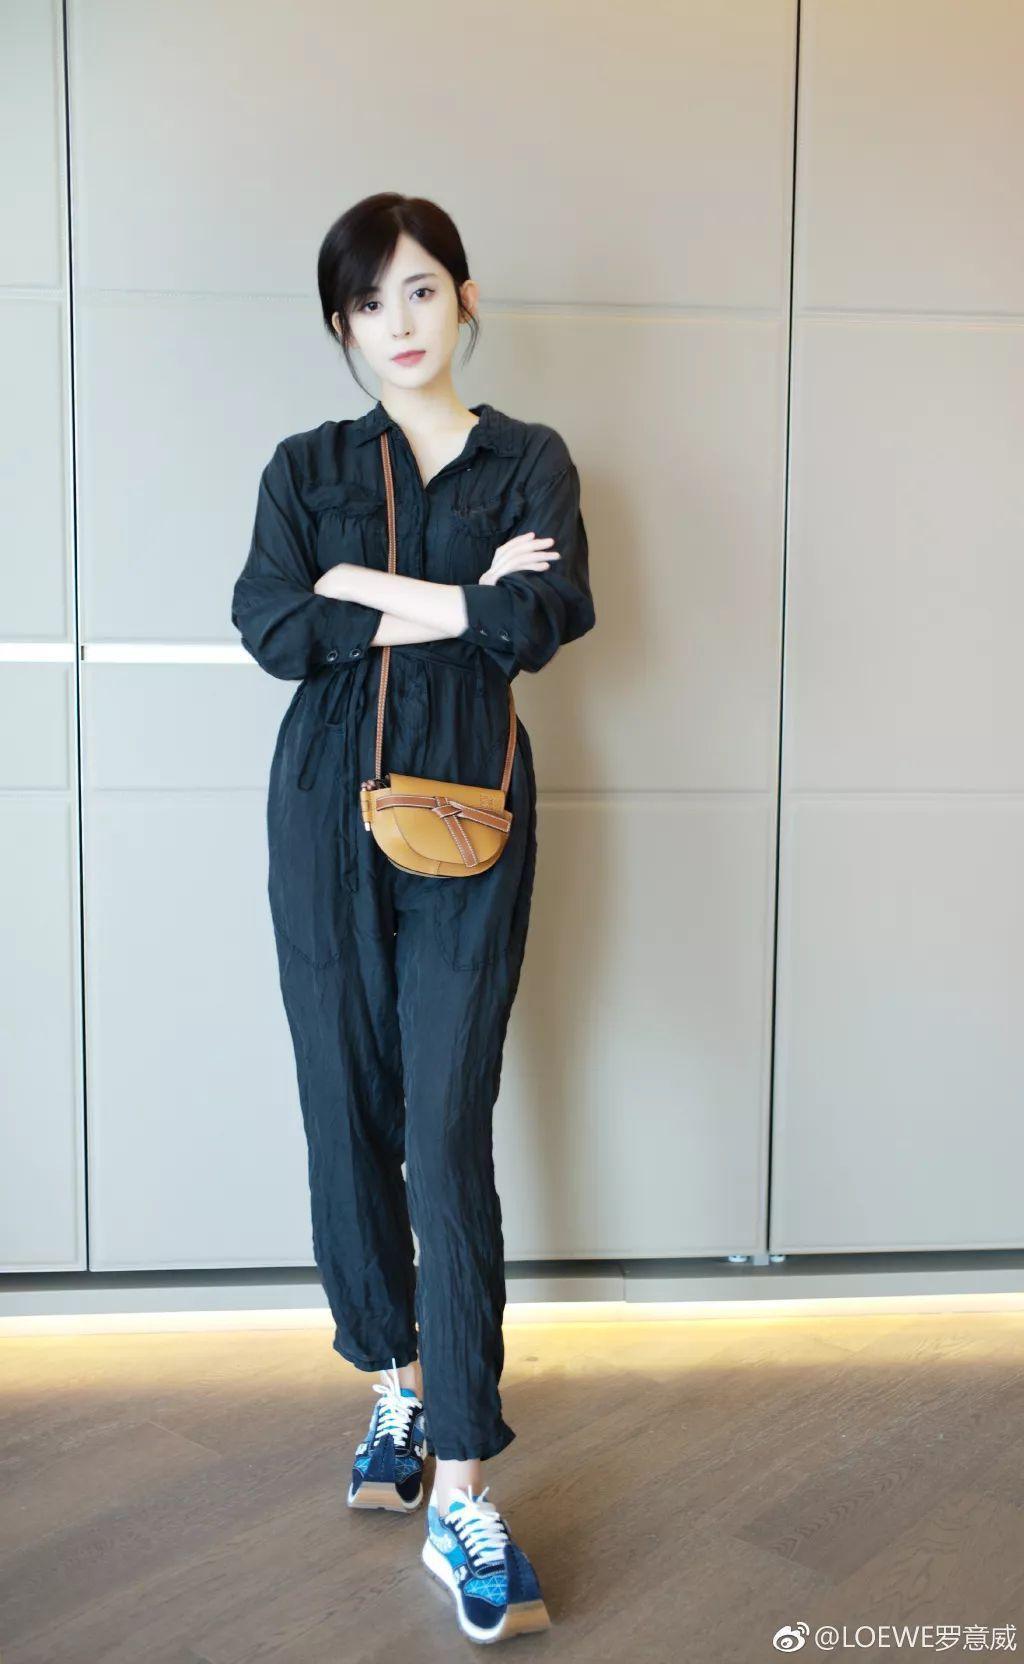 古力娜札以LOEWE Gate Bag和鞋履穿出帥氣品味。圖/取自微博